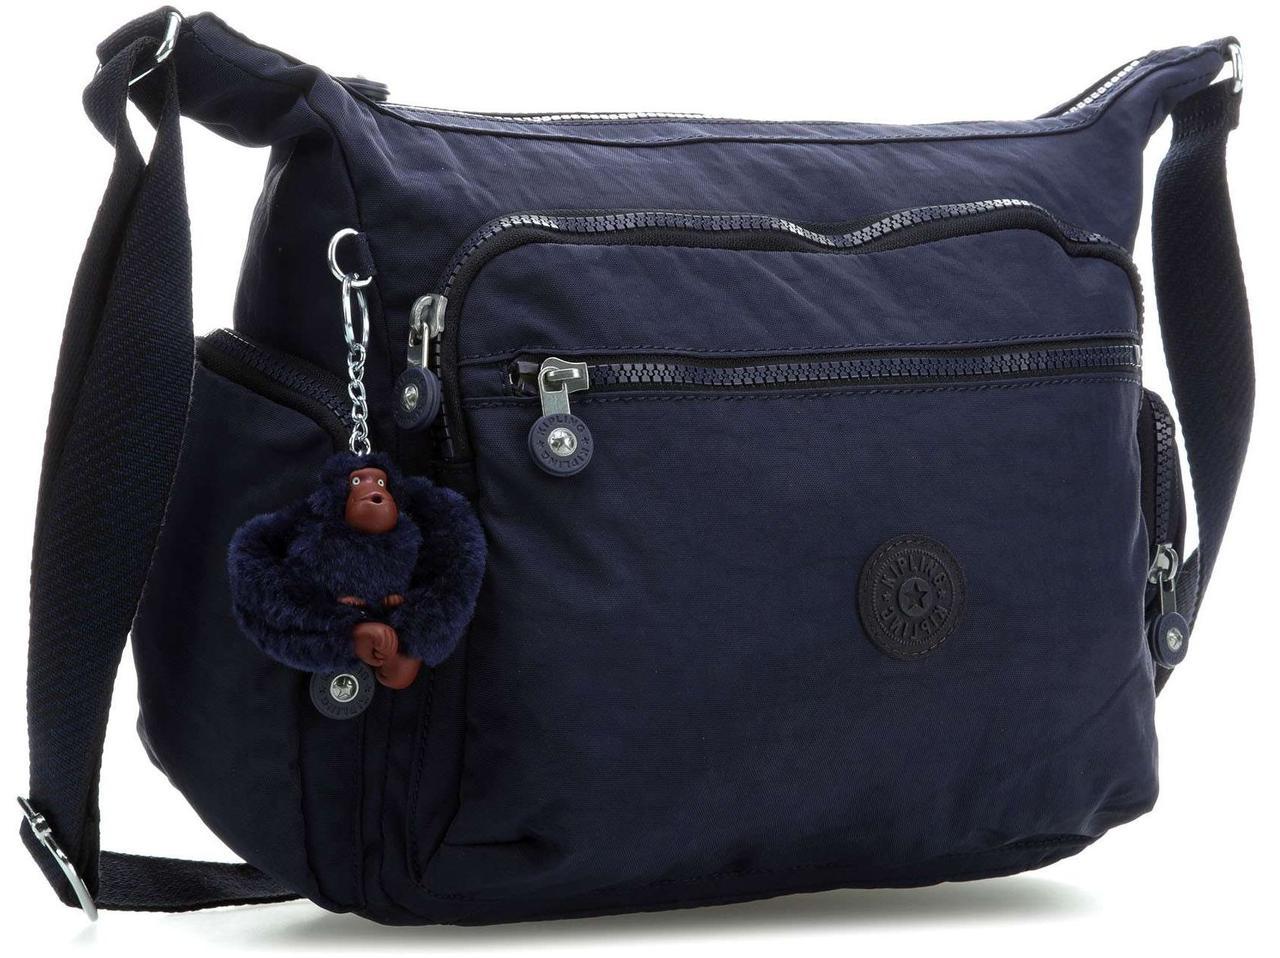 f4c3516a008a Женская сумка Kipling GABBIE K15255_17N, синий — только качественная ...